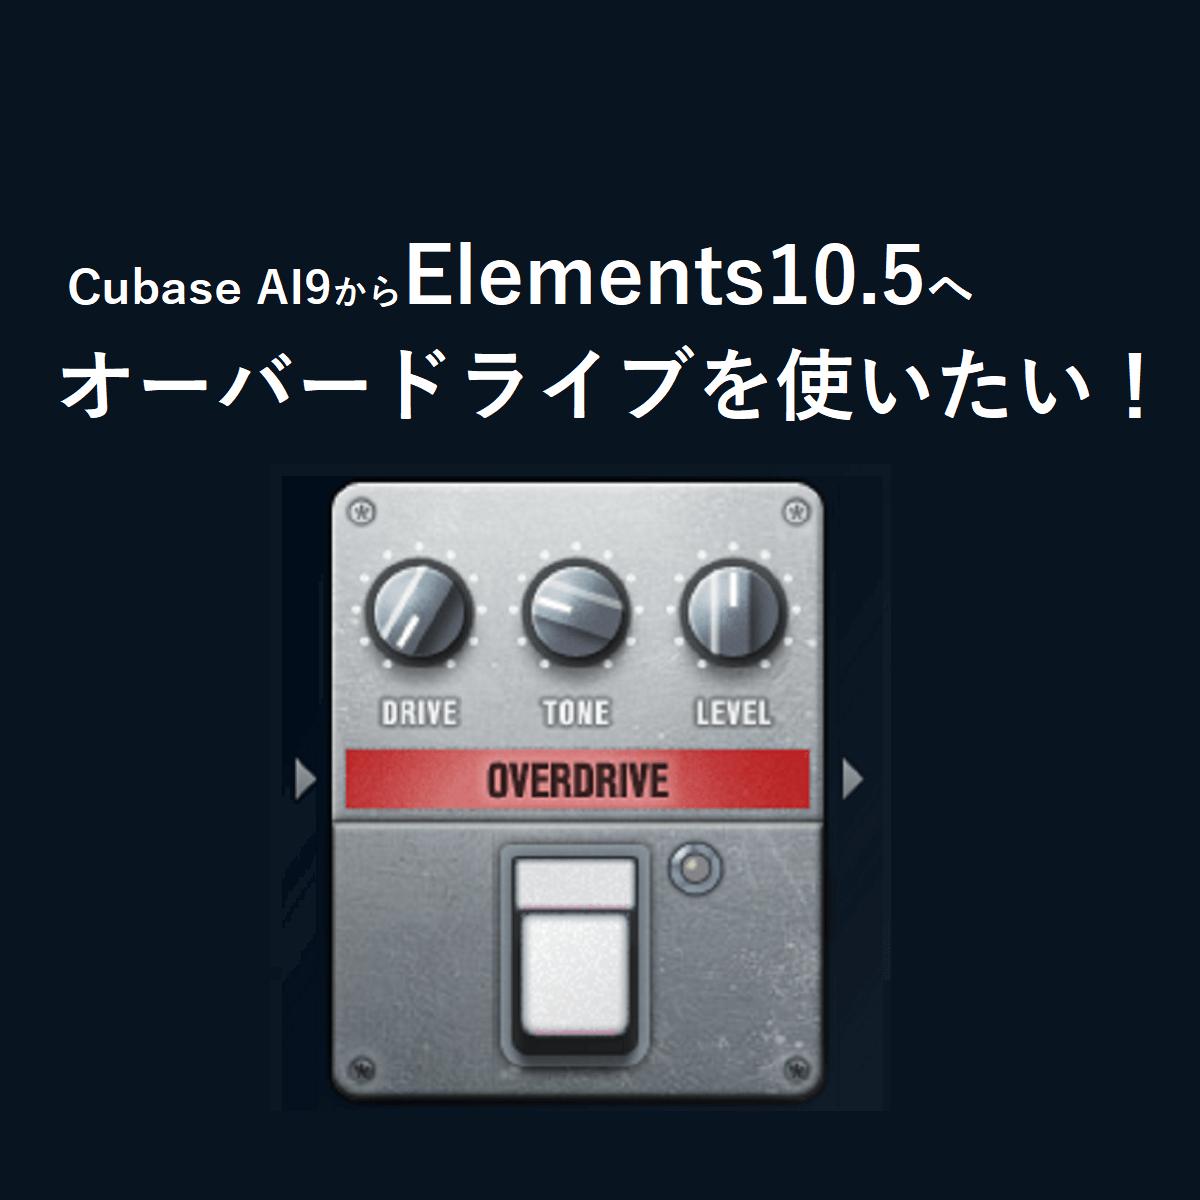 Cubase Elementsではオーバードライブが使える